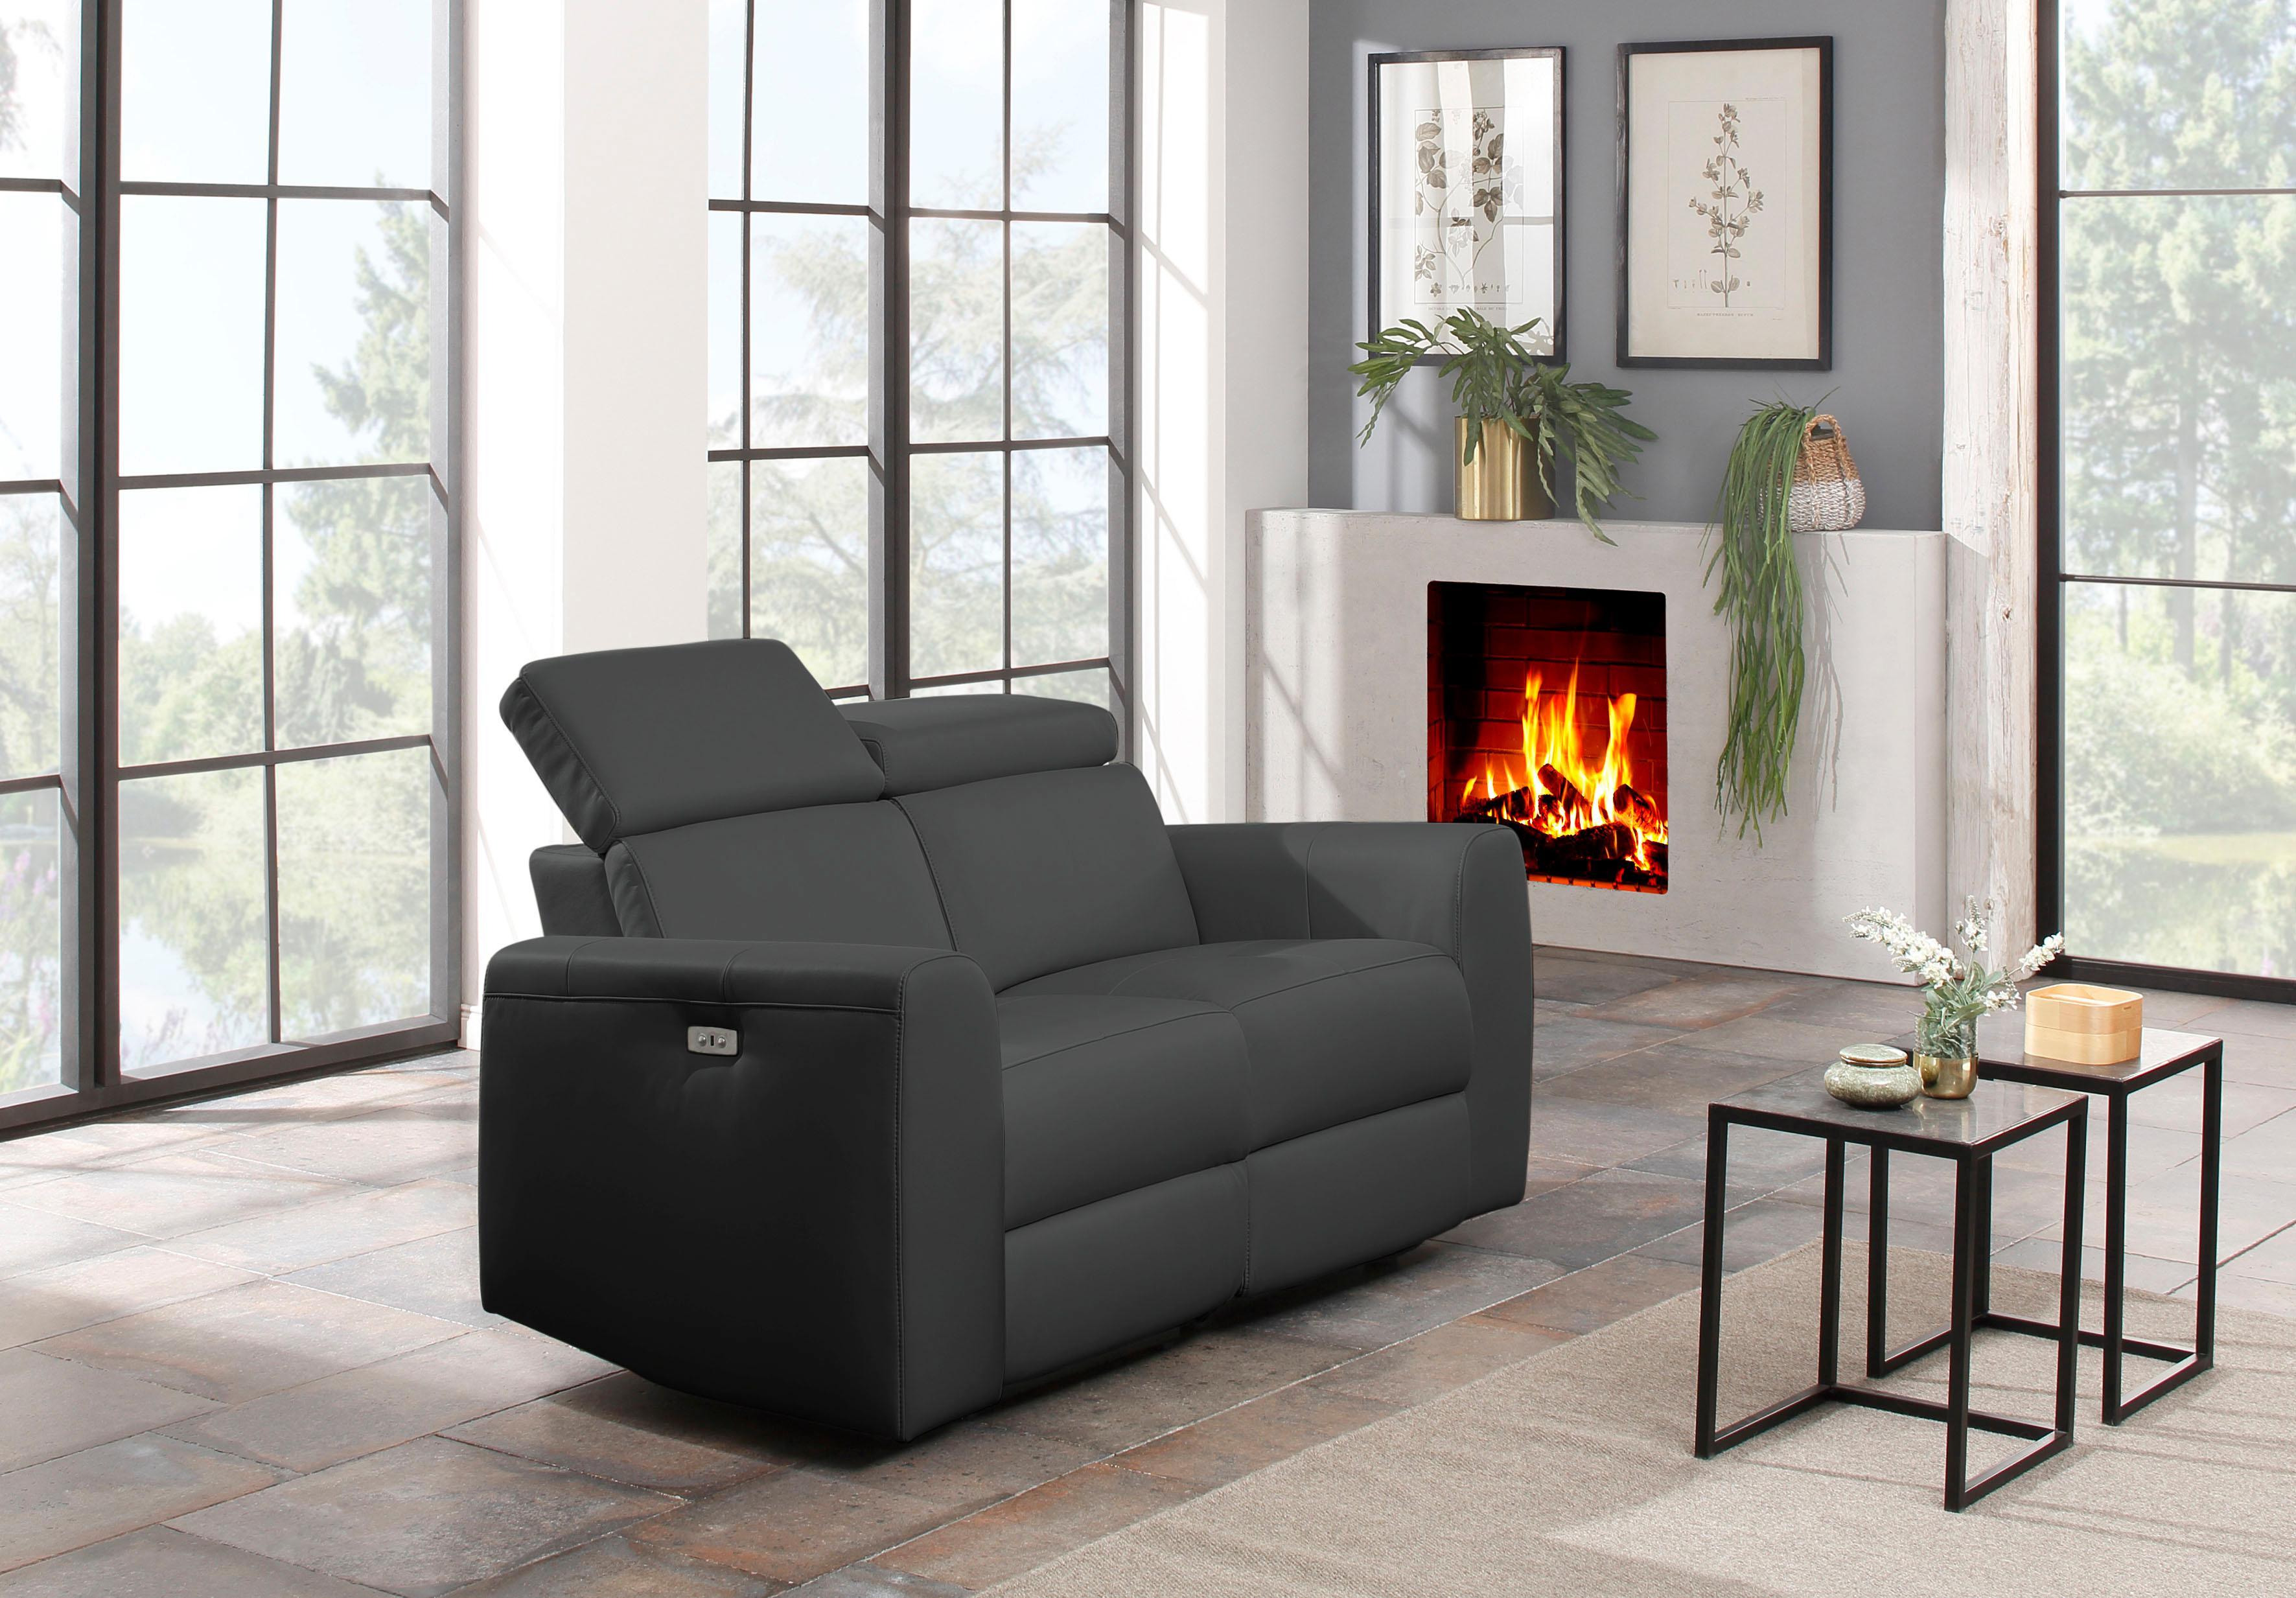 Home affaire 2-Sitzer Sentrano wählbar zwischen manueller oder motorischer Relaxfunktion auch in Naturleder erhältlich